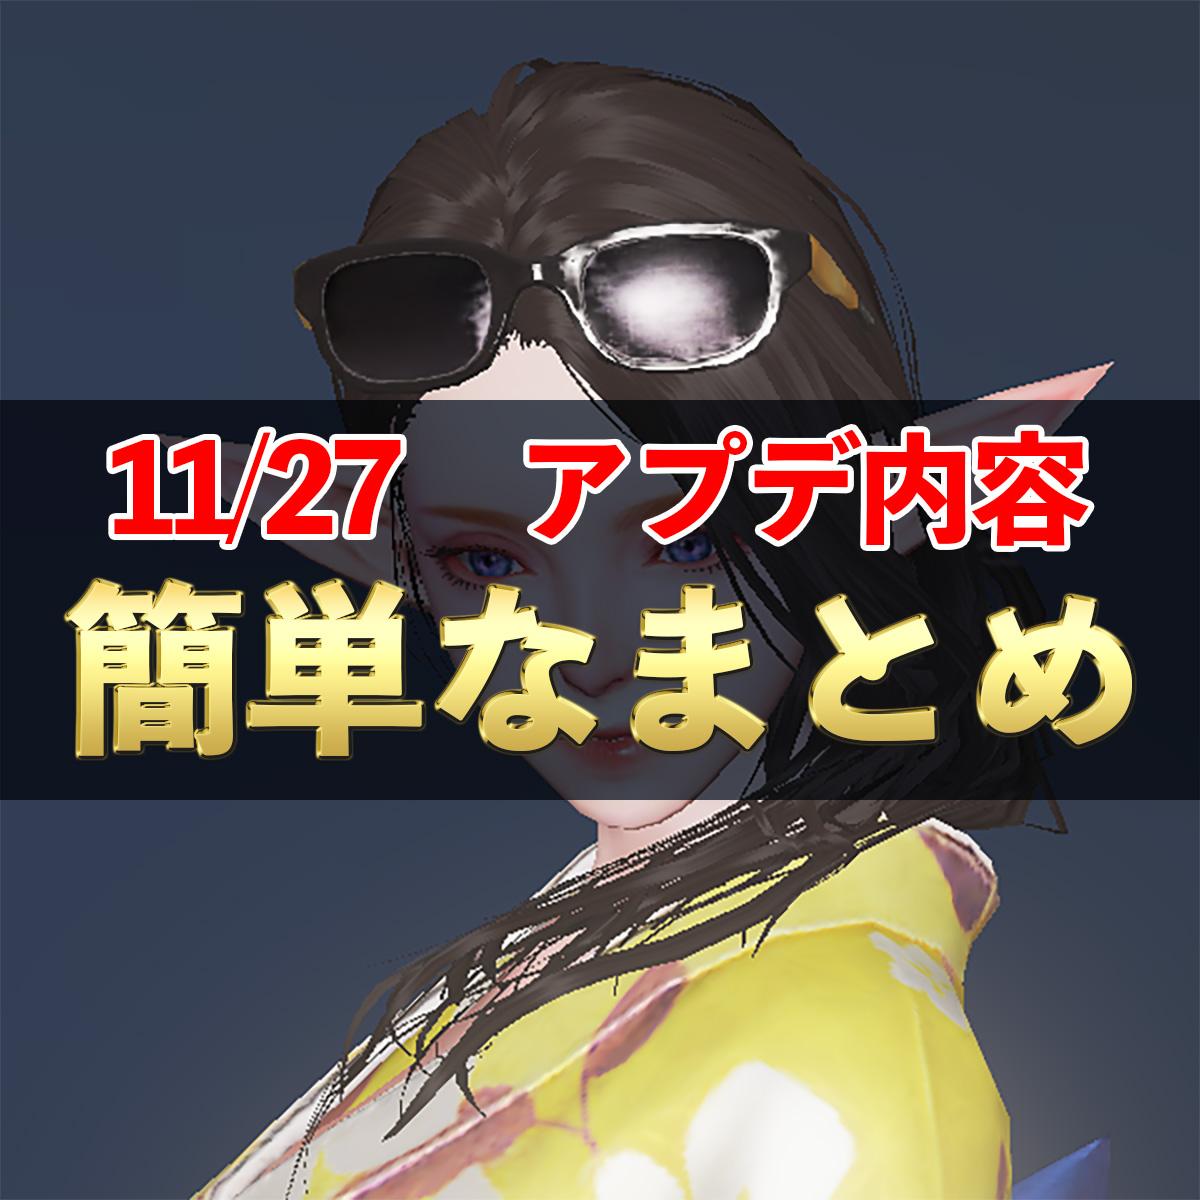 【リネレボ】リーマンでも10分でわかる11/27アップデート内容